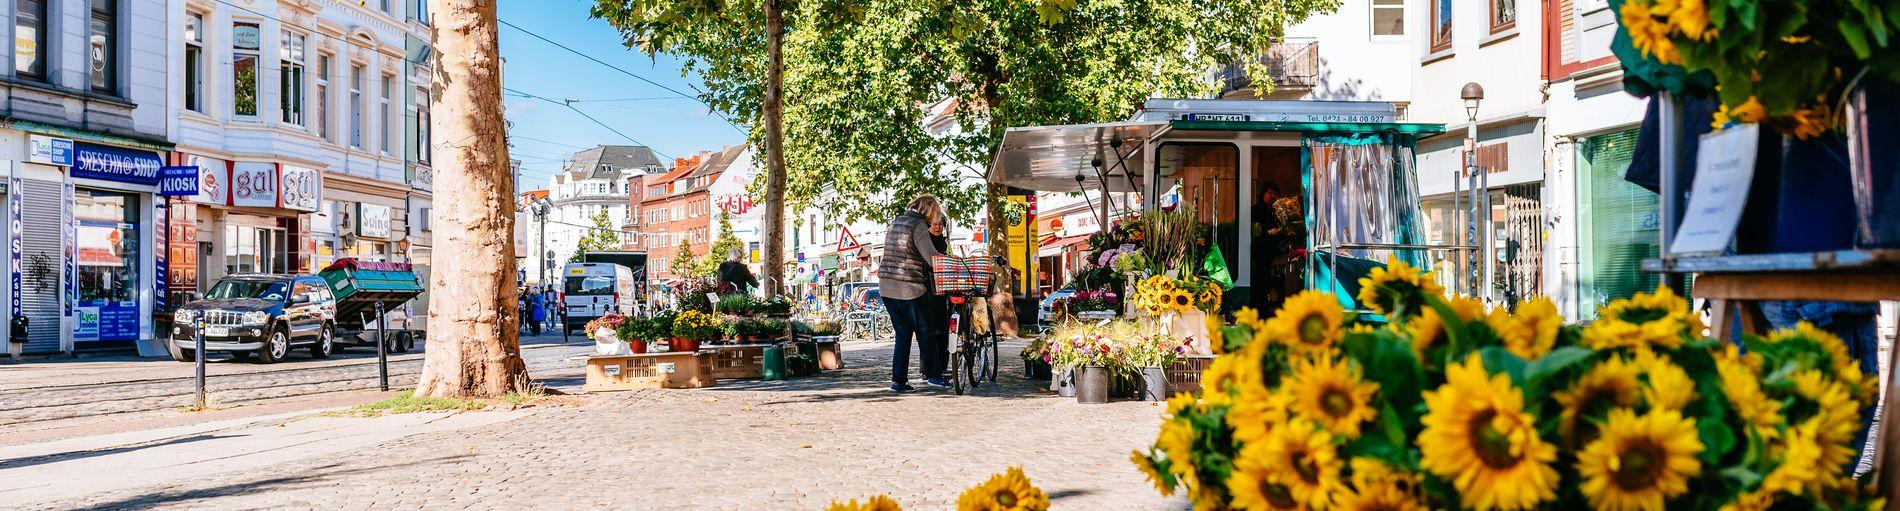 Sonnenblumen an einem Marktstand auf dem Ziegenmarkt.